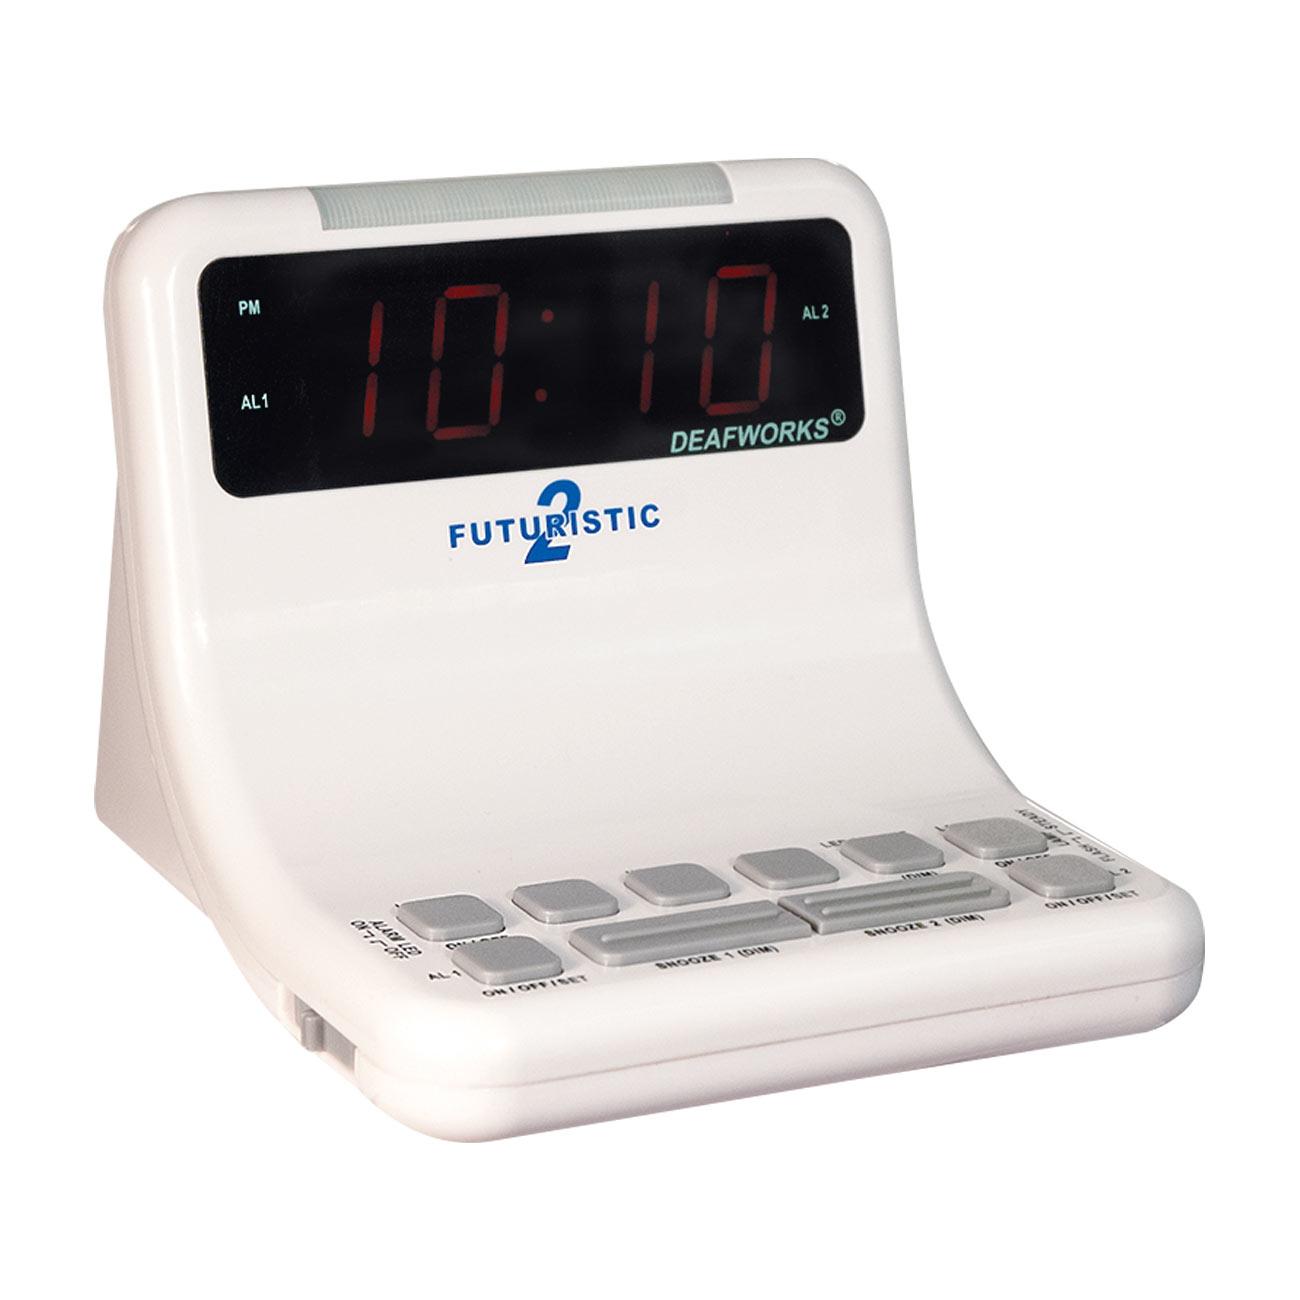 Futuristic 2 Alarm Clock - White